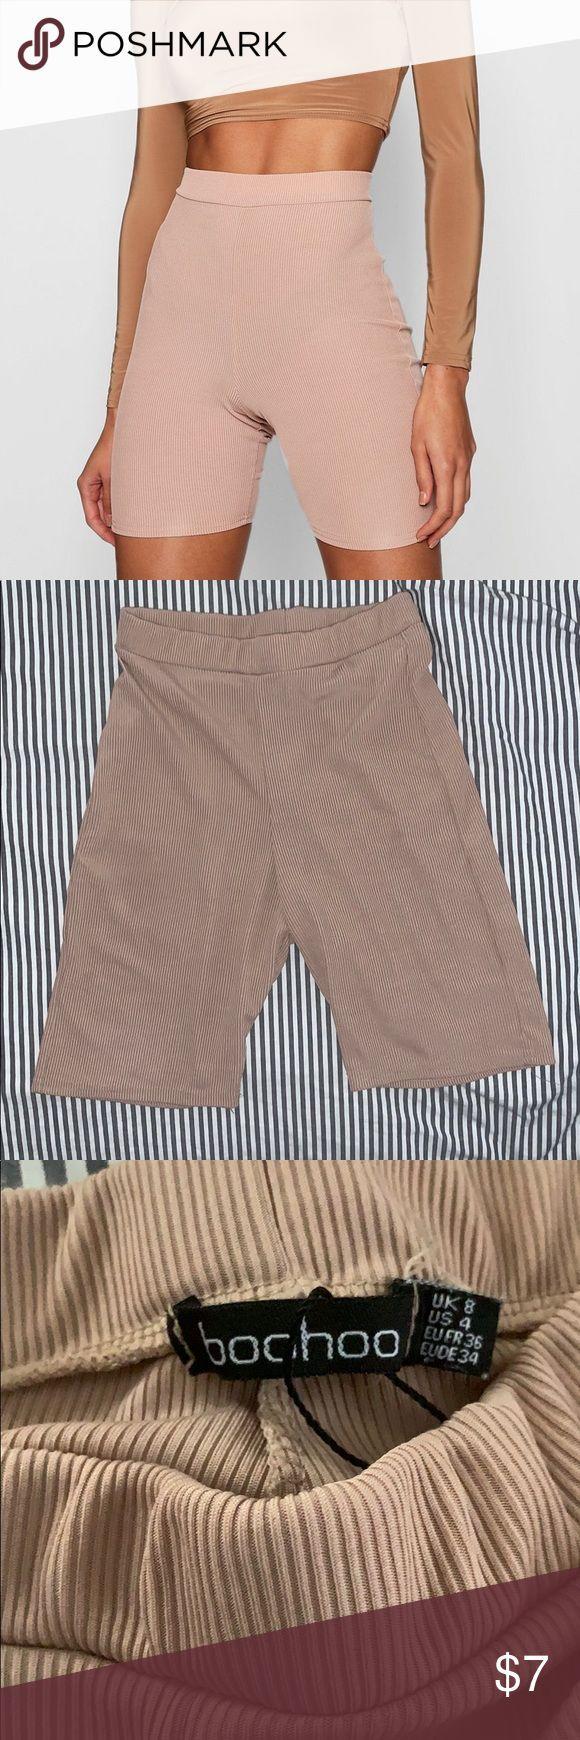 Ribbed tan biker shorts Worn once no holes or stains Boohoo Shorts   - My Posh P...